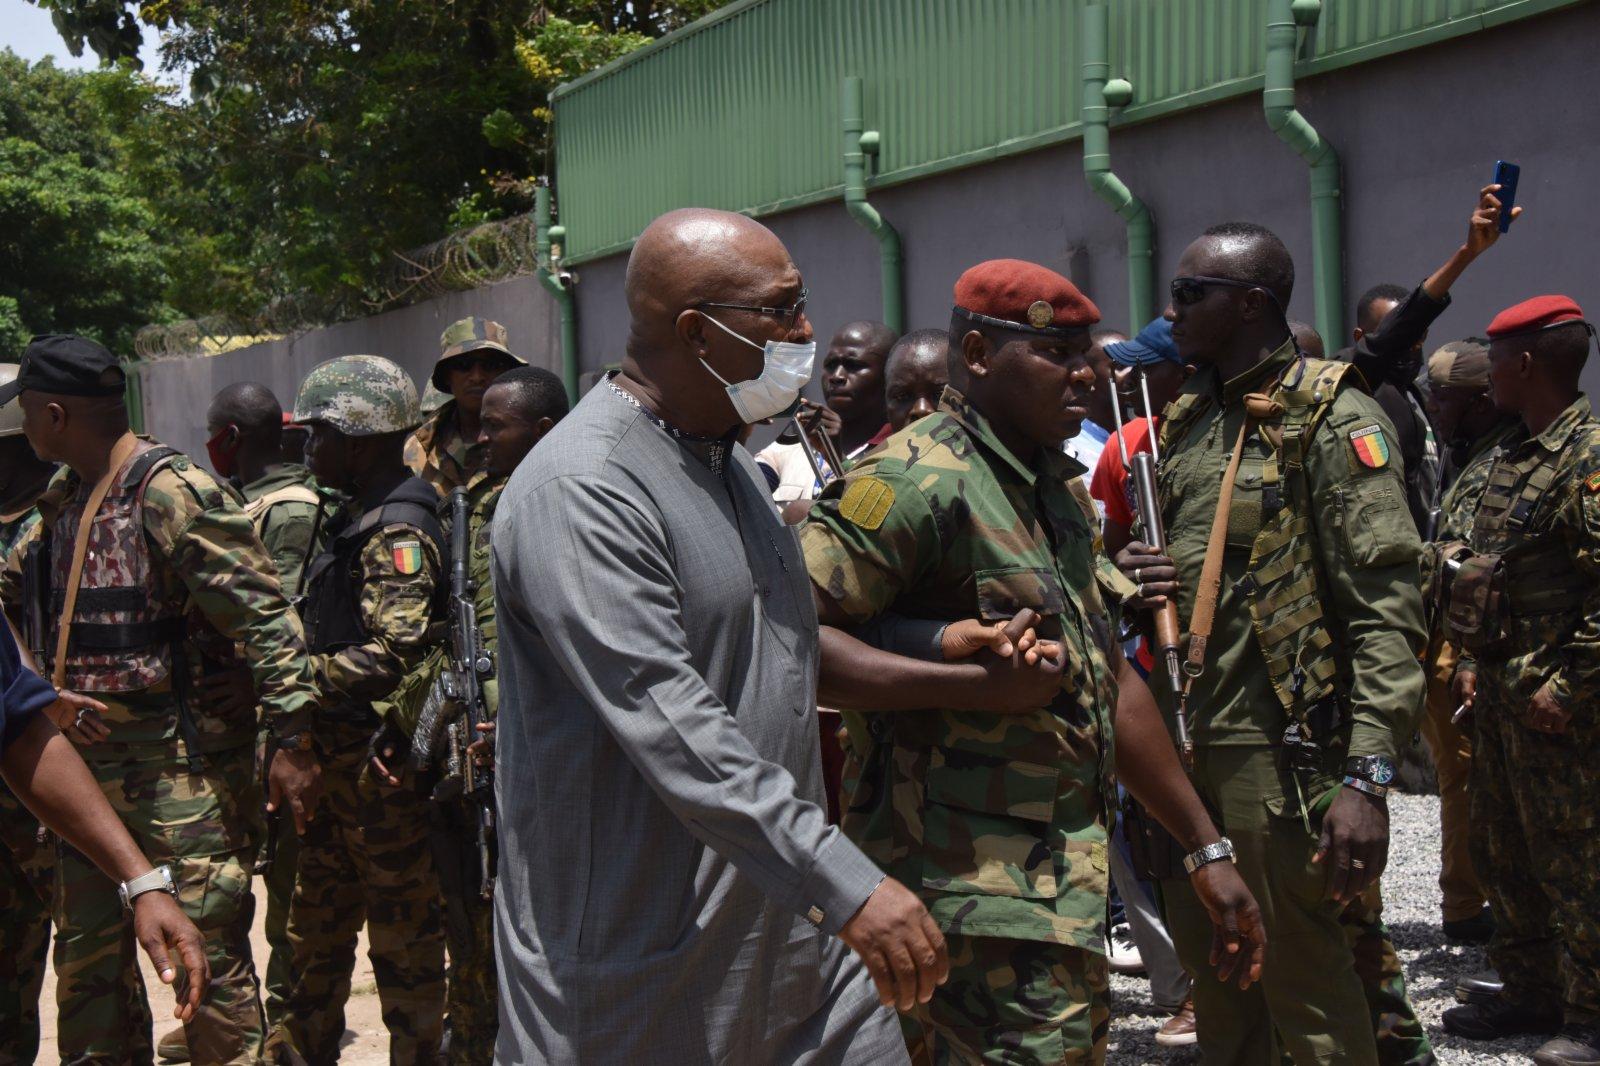 9月6日,一名孔戴政府官員在幾內亞政變軍隊護送下進入科納克里人民宮。新華社